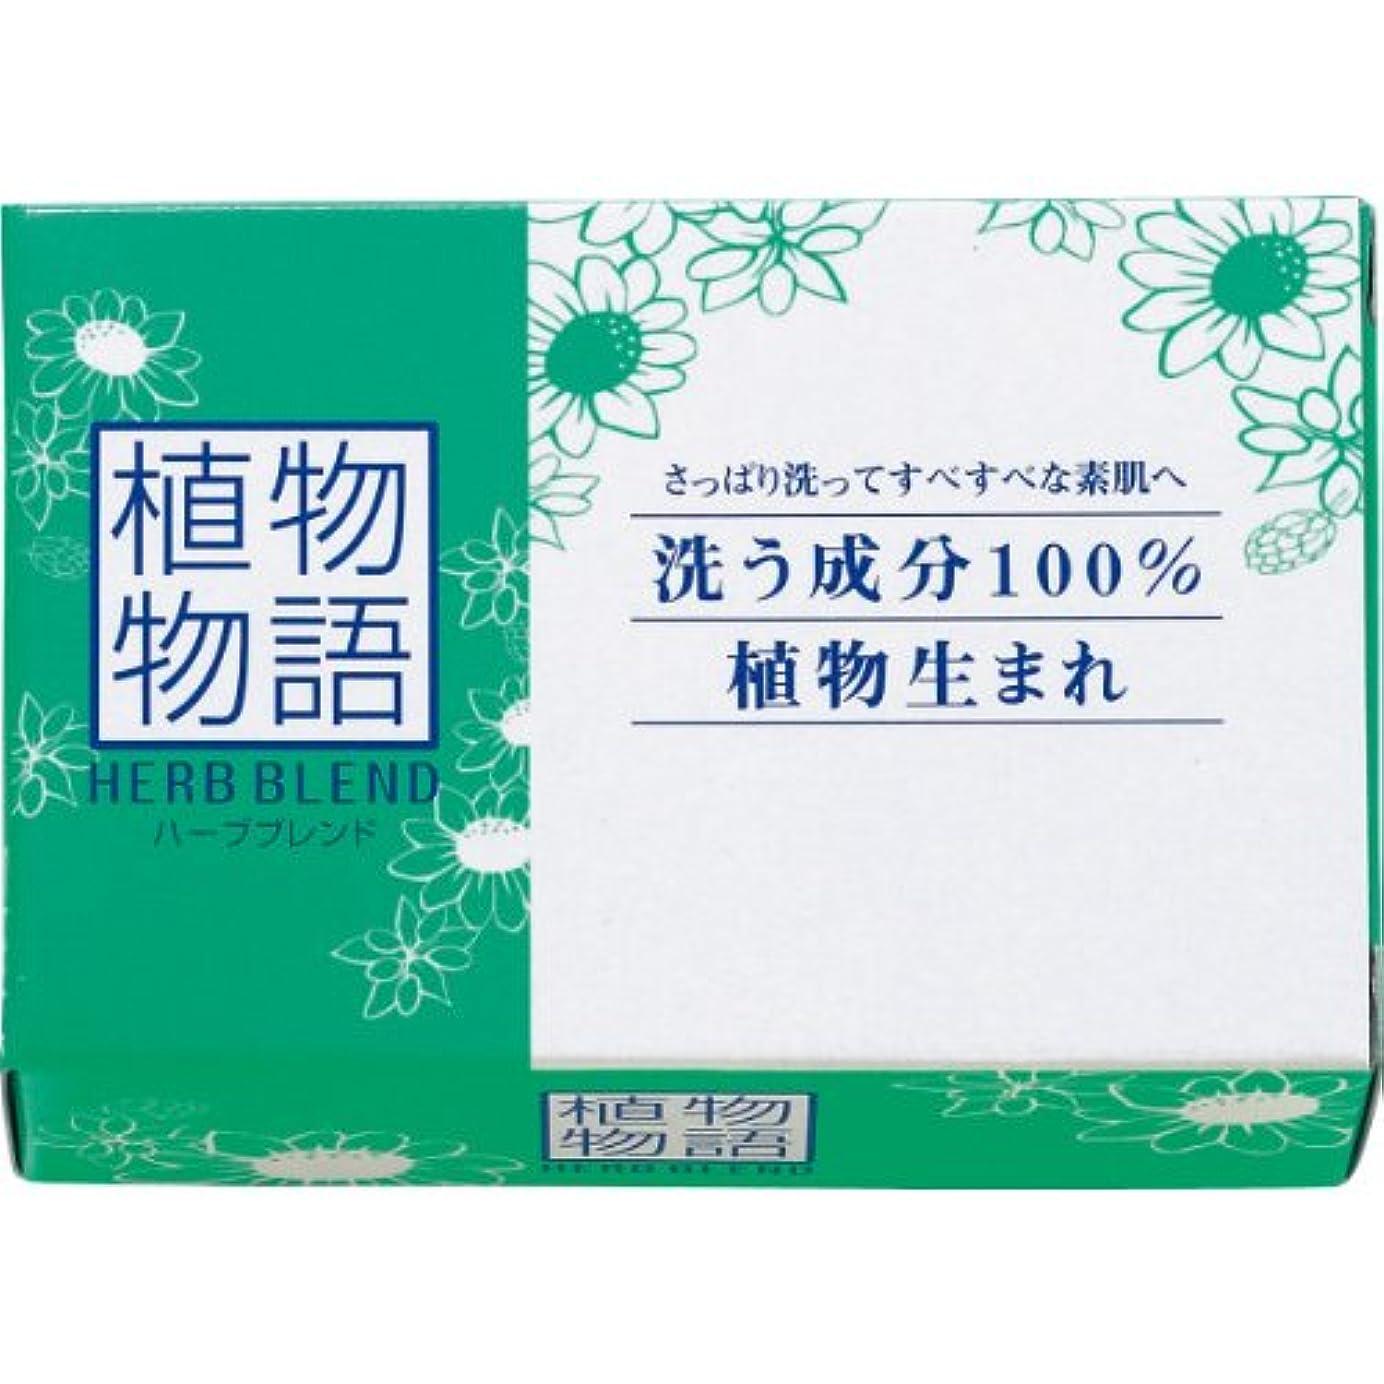 攻撃取るに足らない拮抗【ライオン】植物物語ハーブブレンド 化粧石鹸 80g